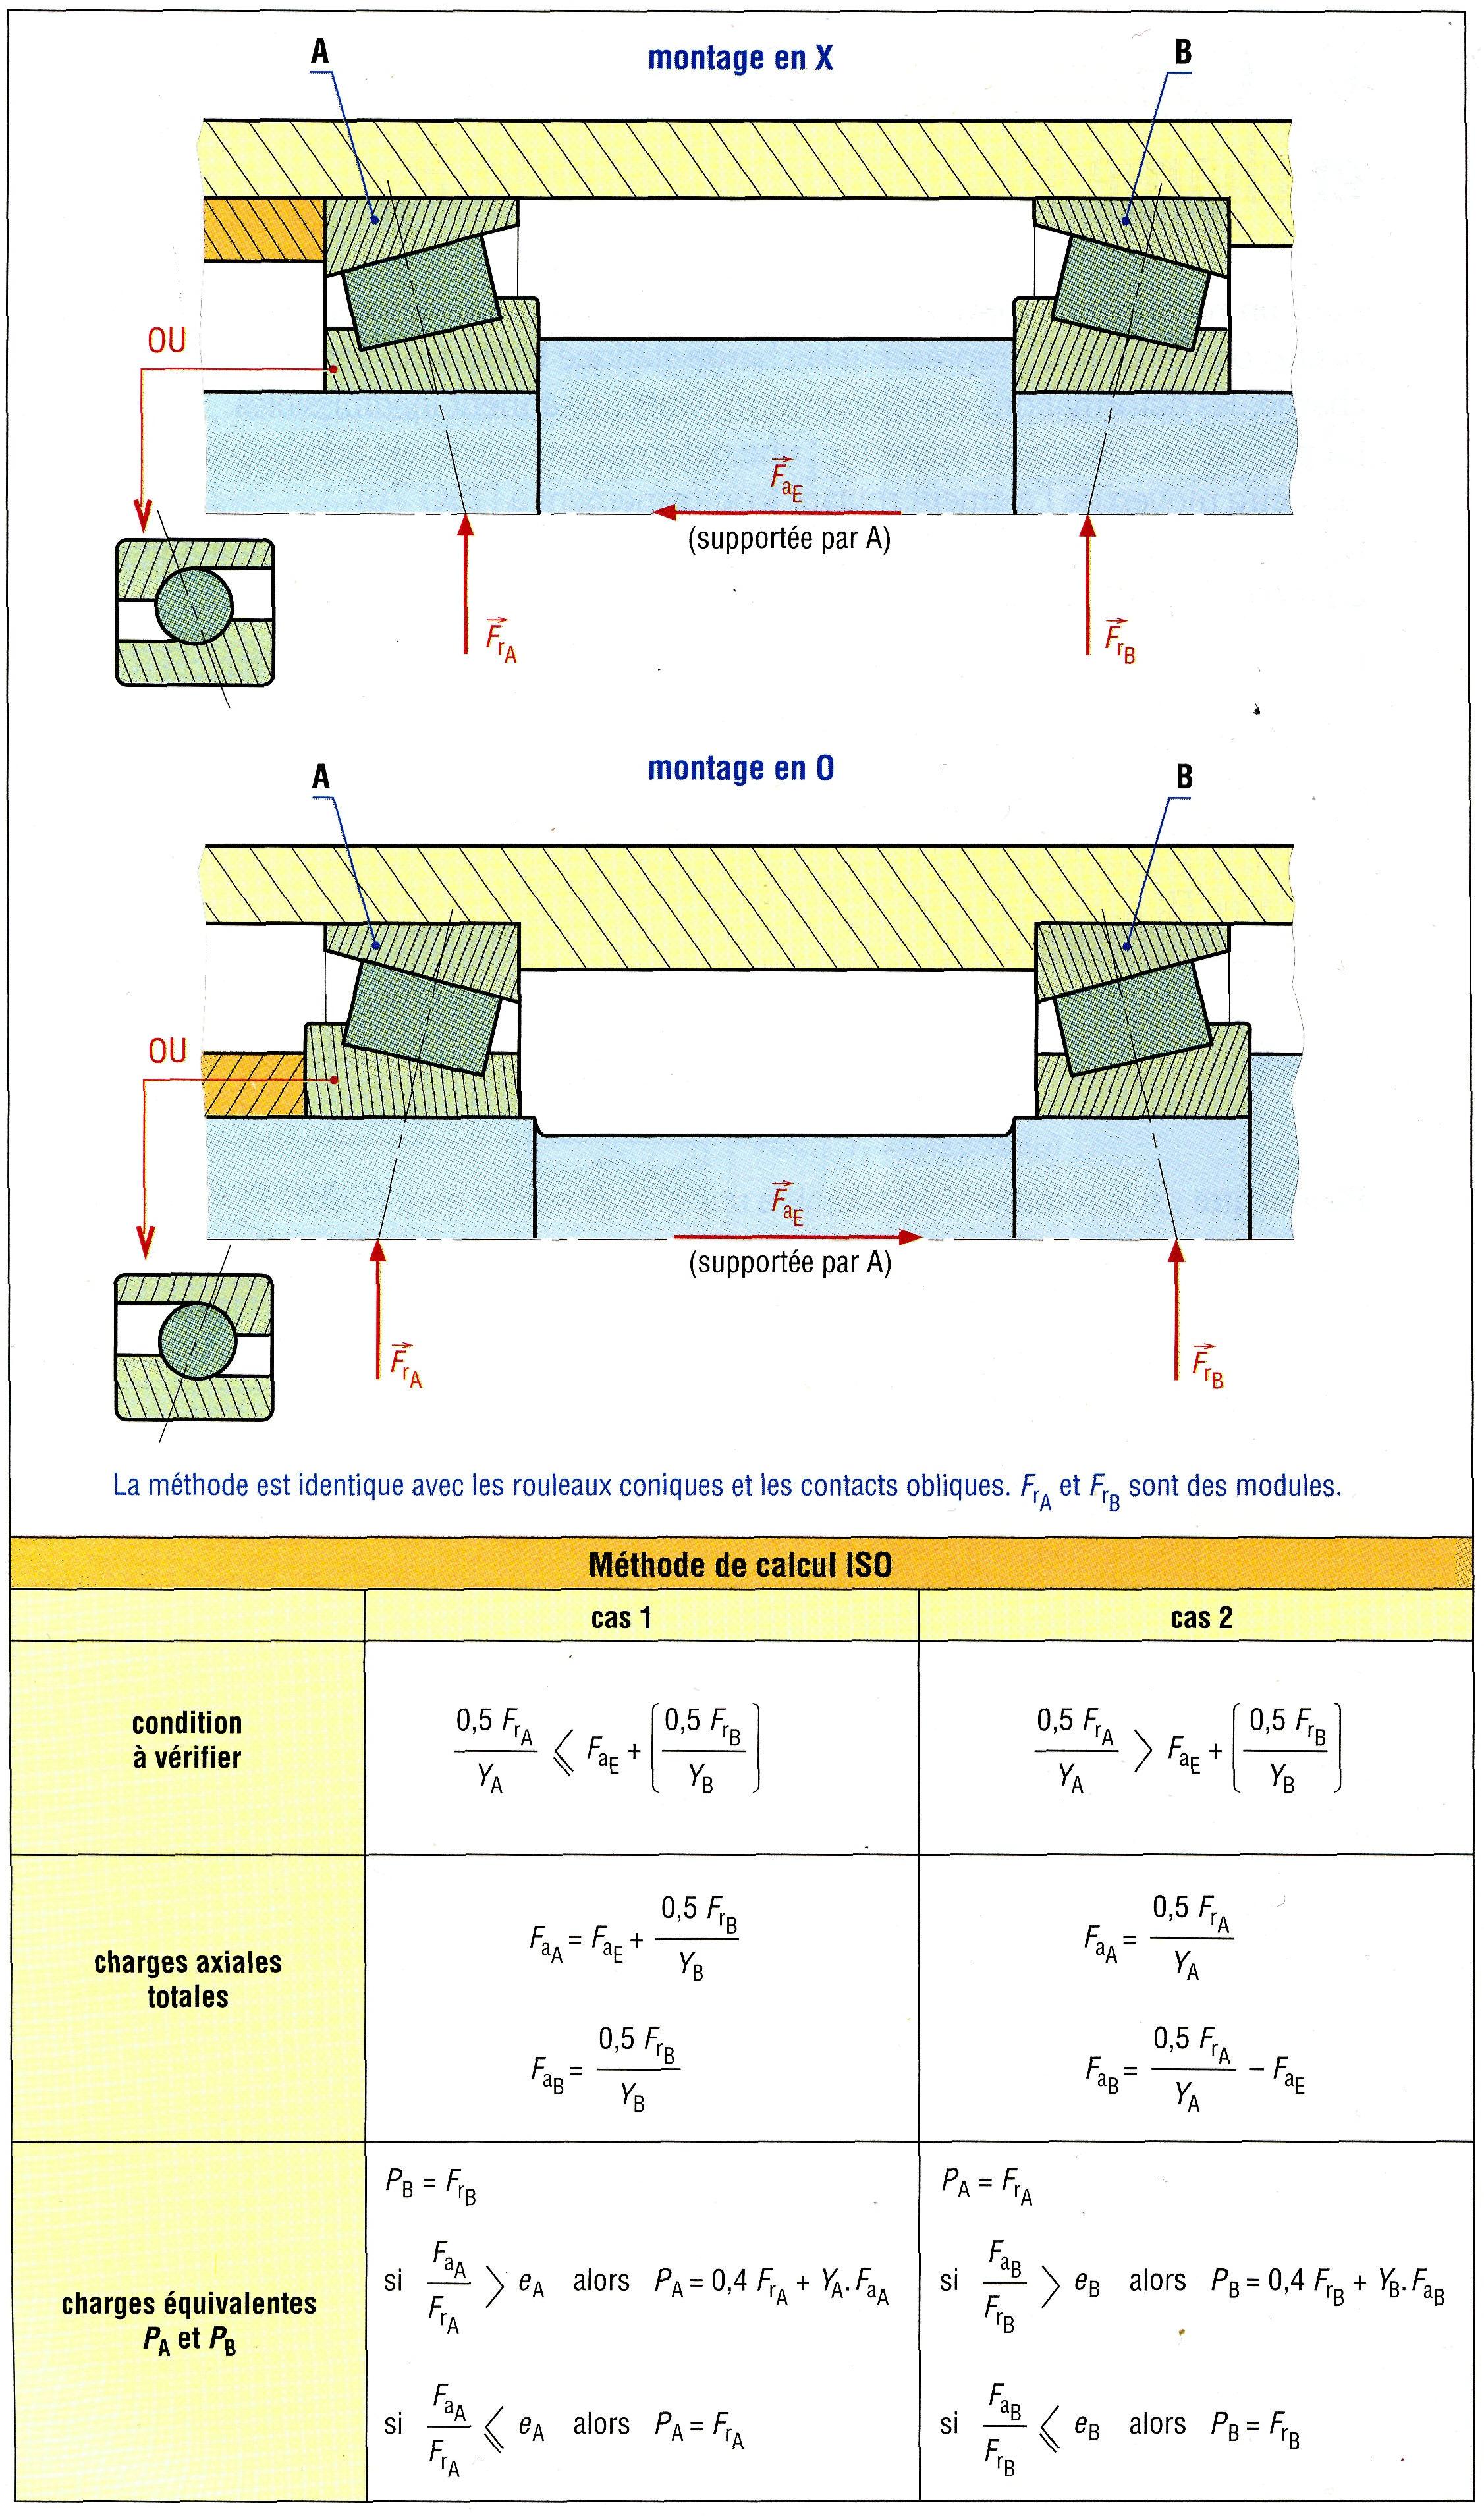 Calcul Durée De Vie Roulement : calcul, durée, roulement, Notion, Calcule, Roulements